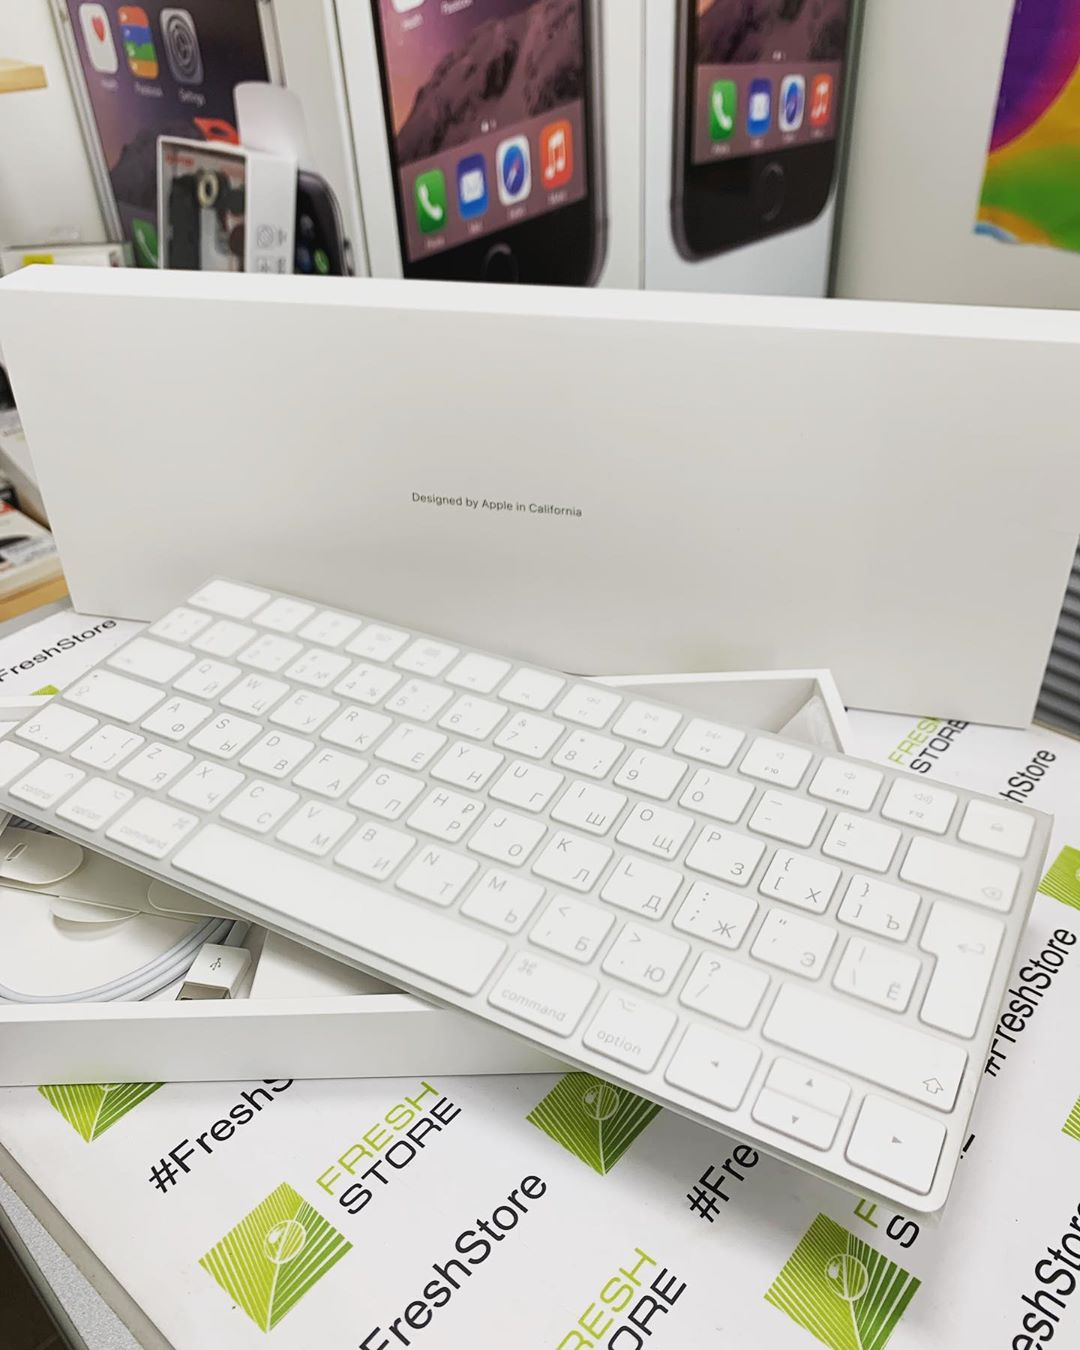 如果没有键盘需求,可以忽略这一条